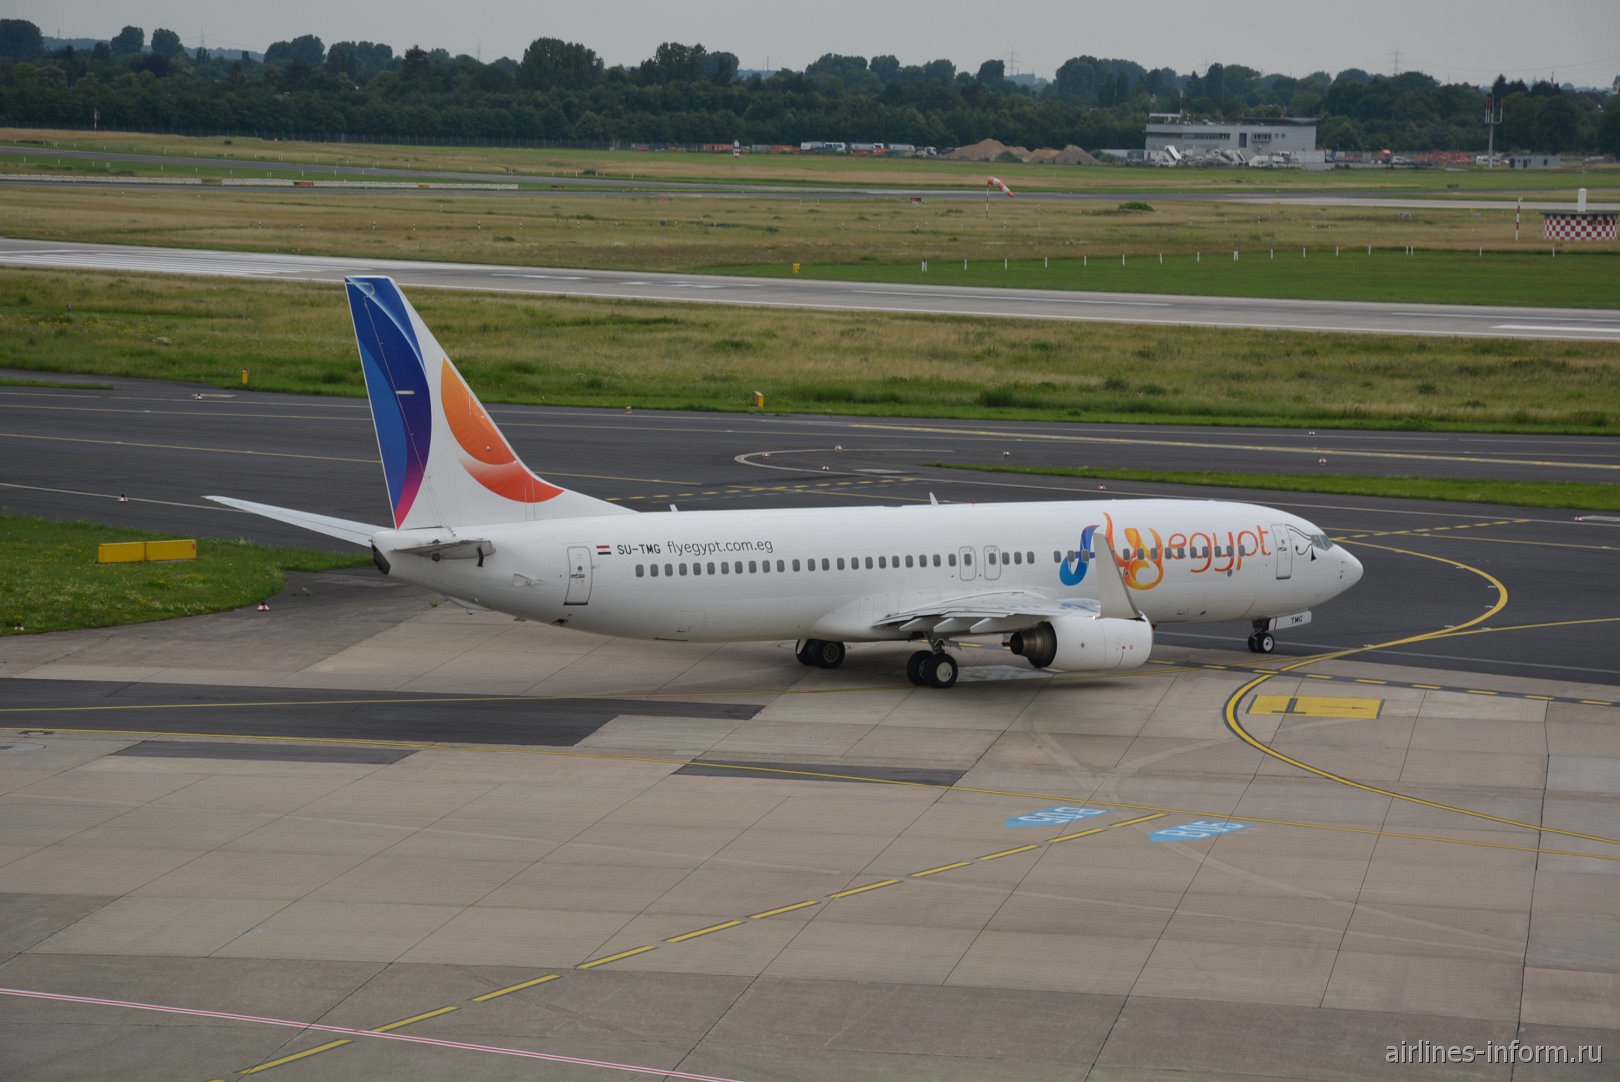 Самолет Boeing 737-800 SU-TMG авиакомпании FlyEgypt в аэропорту Дюссельдорфа